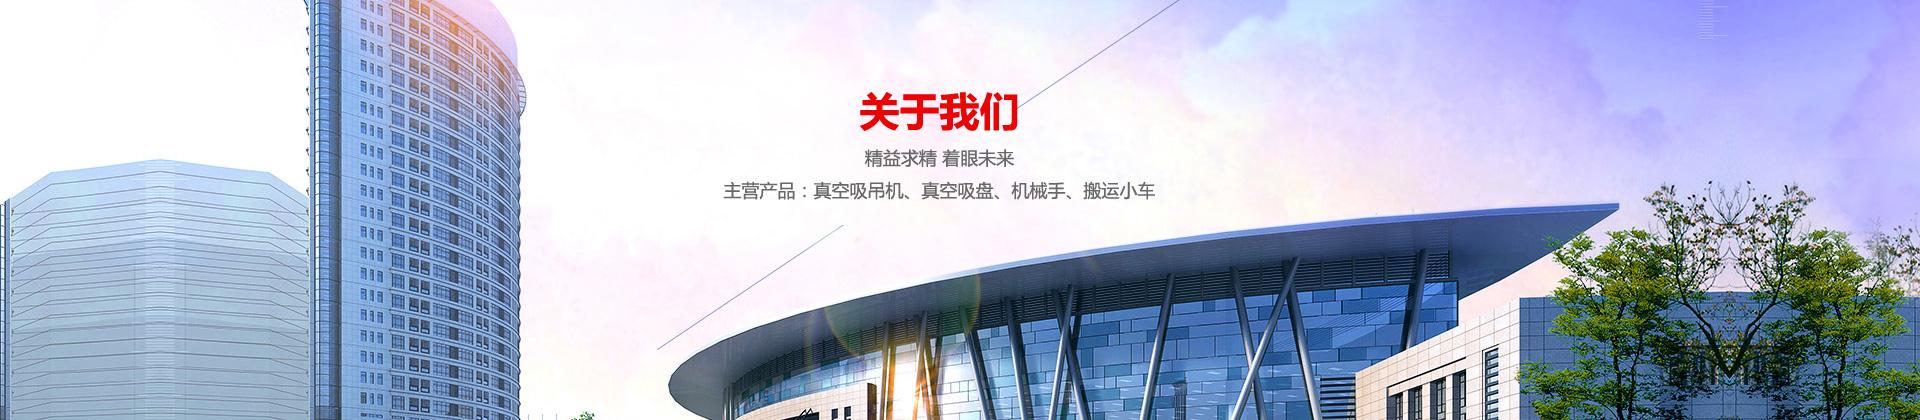 真空吸吊ji,气管吸吊ji,真空吸pan吊具,卷料搬运车选择上海九州电玩真空科技